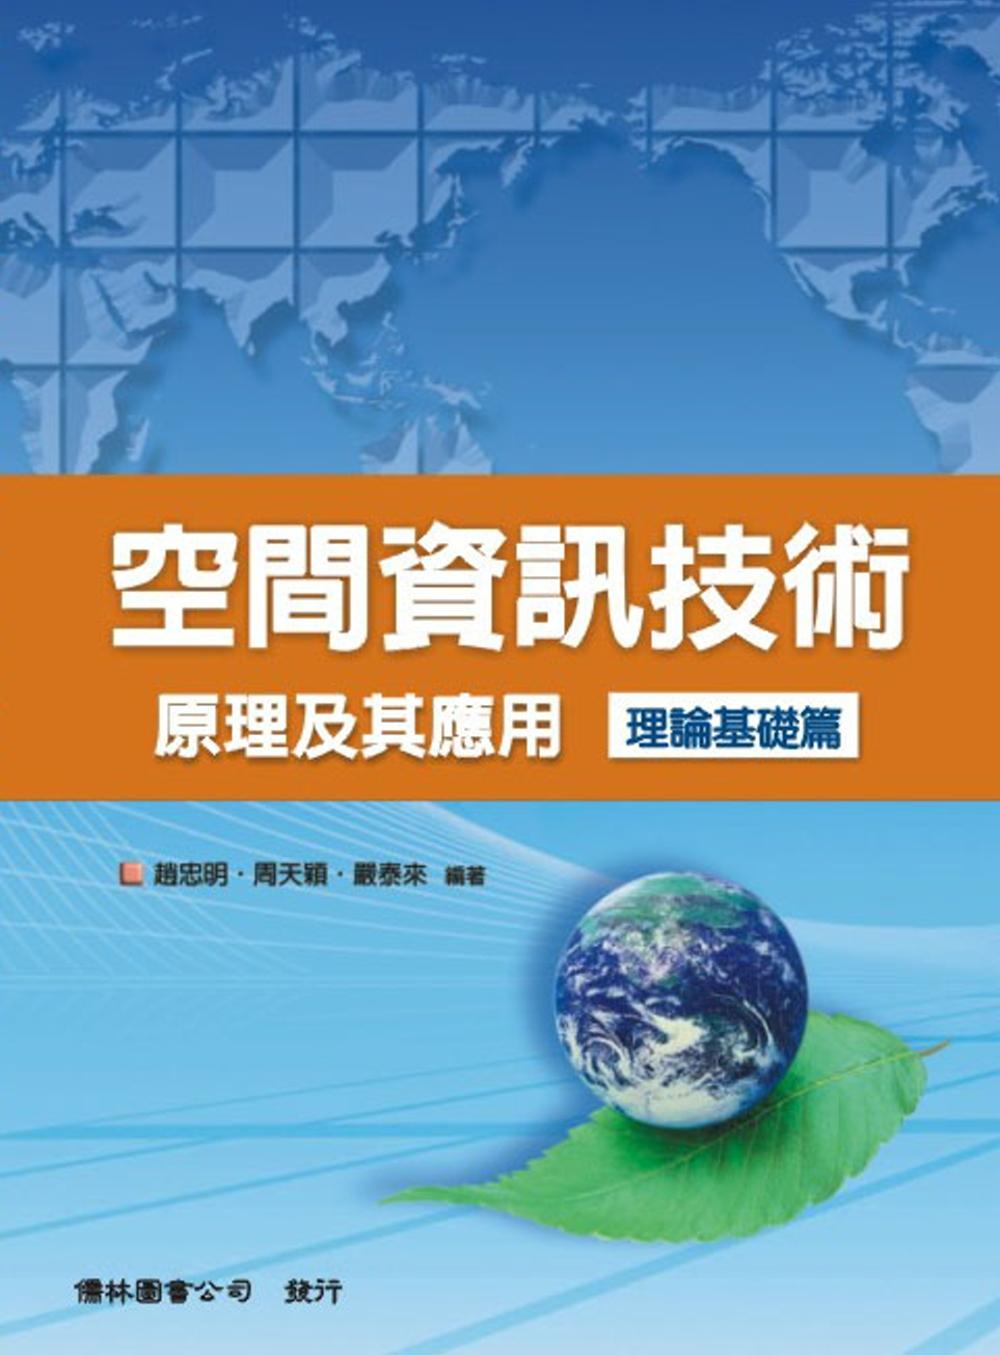 空間資訊技術原理及其應用理論基礎篇(2版)